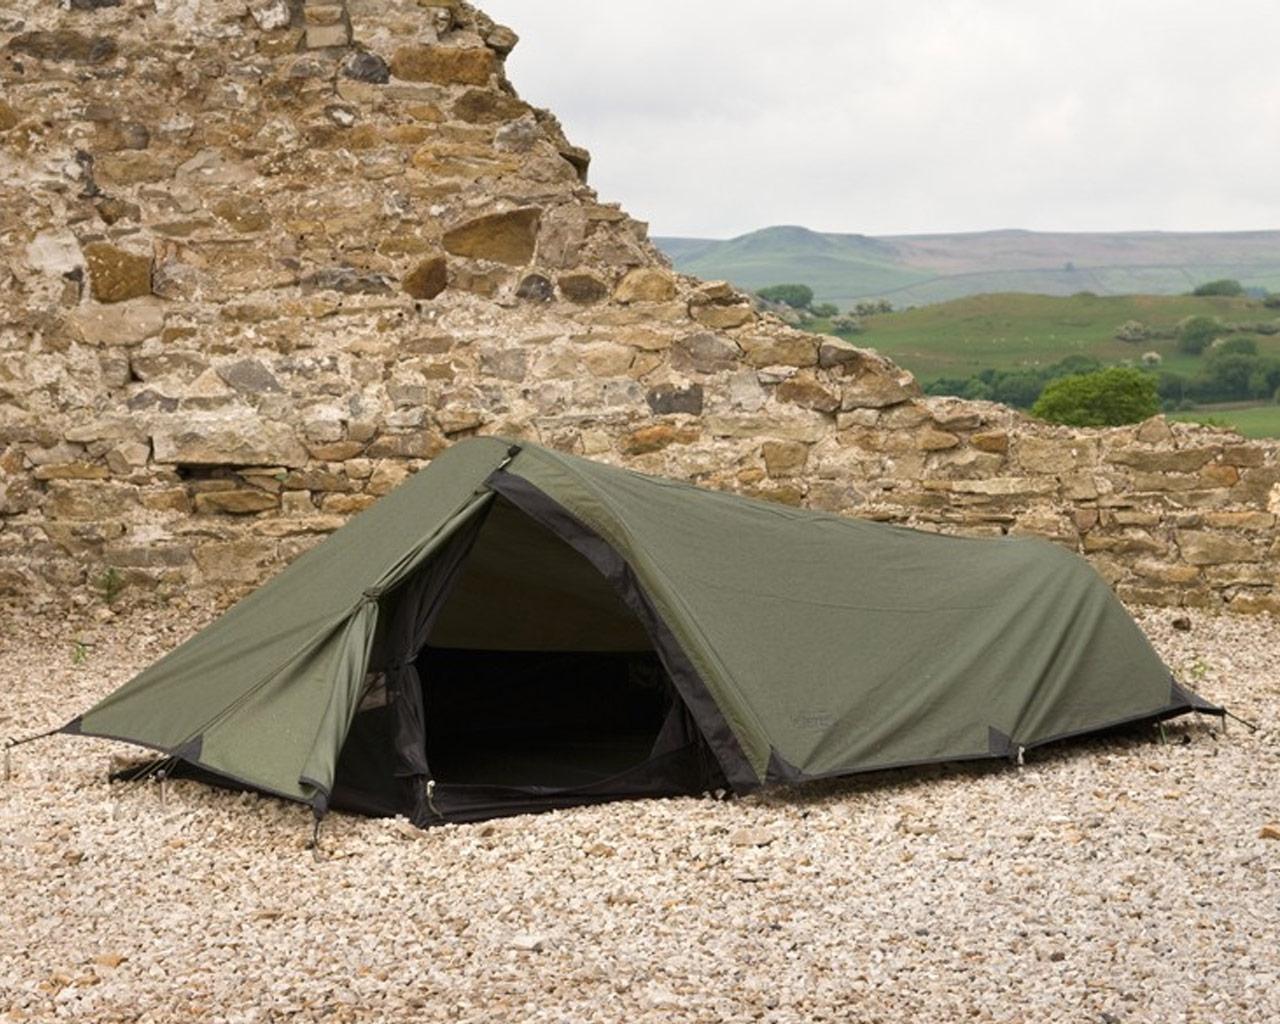 notre s lection de la semaine sp cial tente militaire surplus militaire. Black Bedroom Furniture Sets. Home Design Ideas